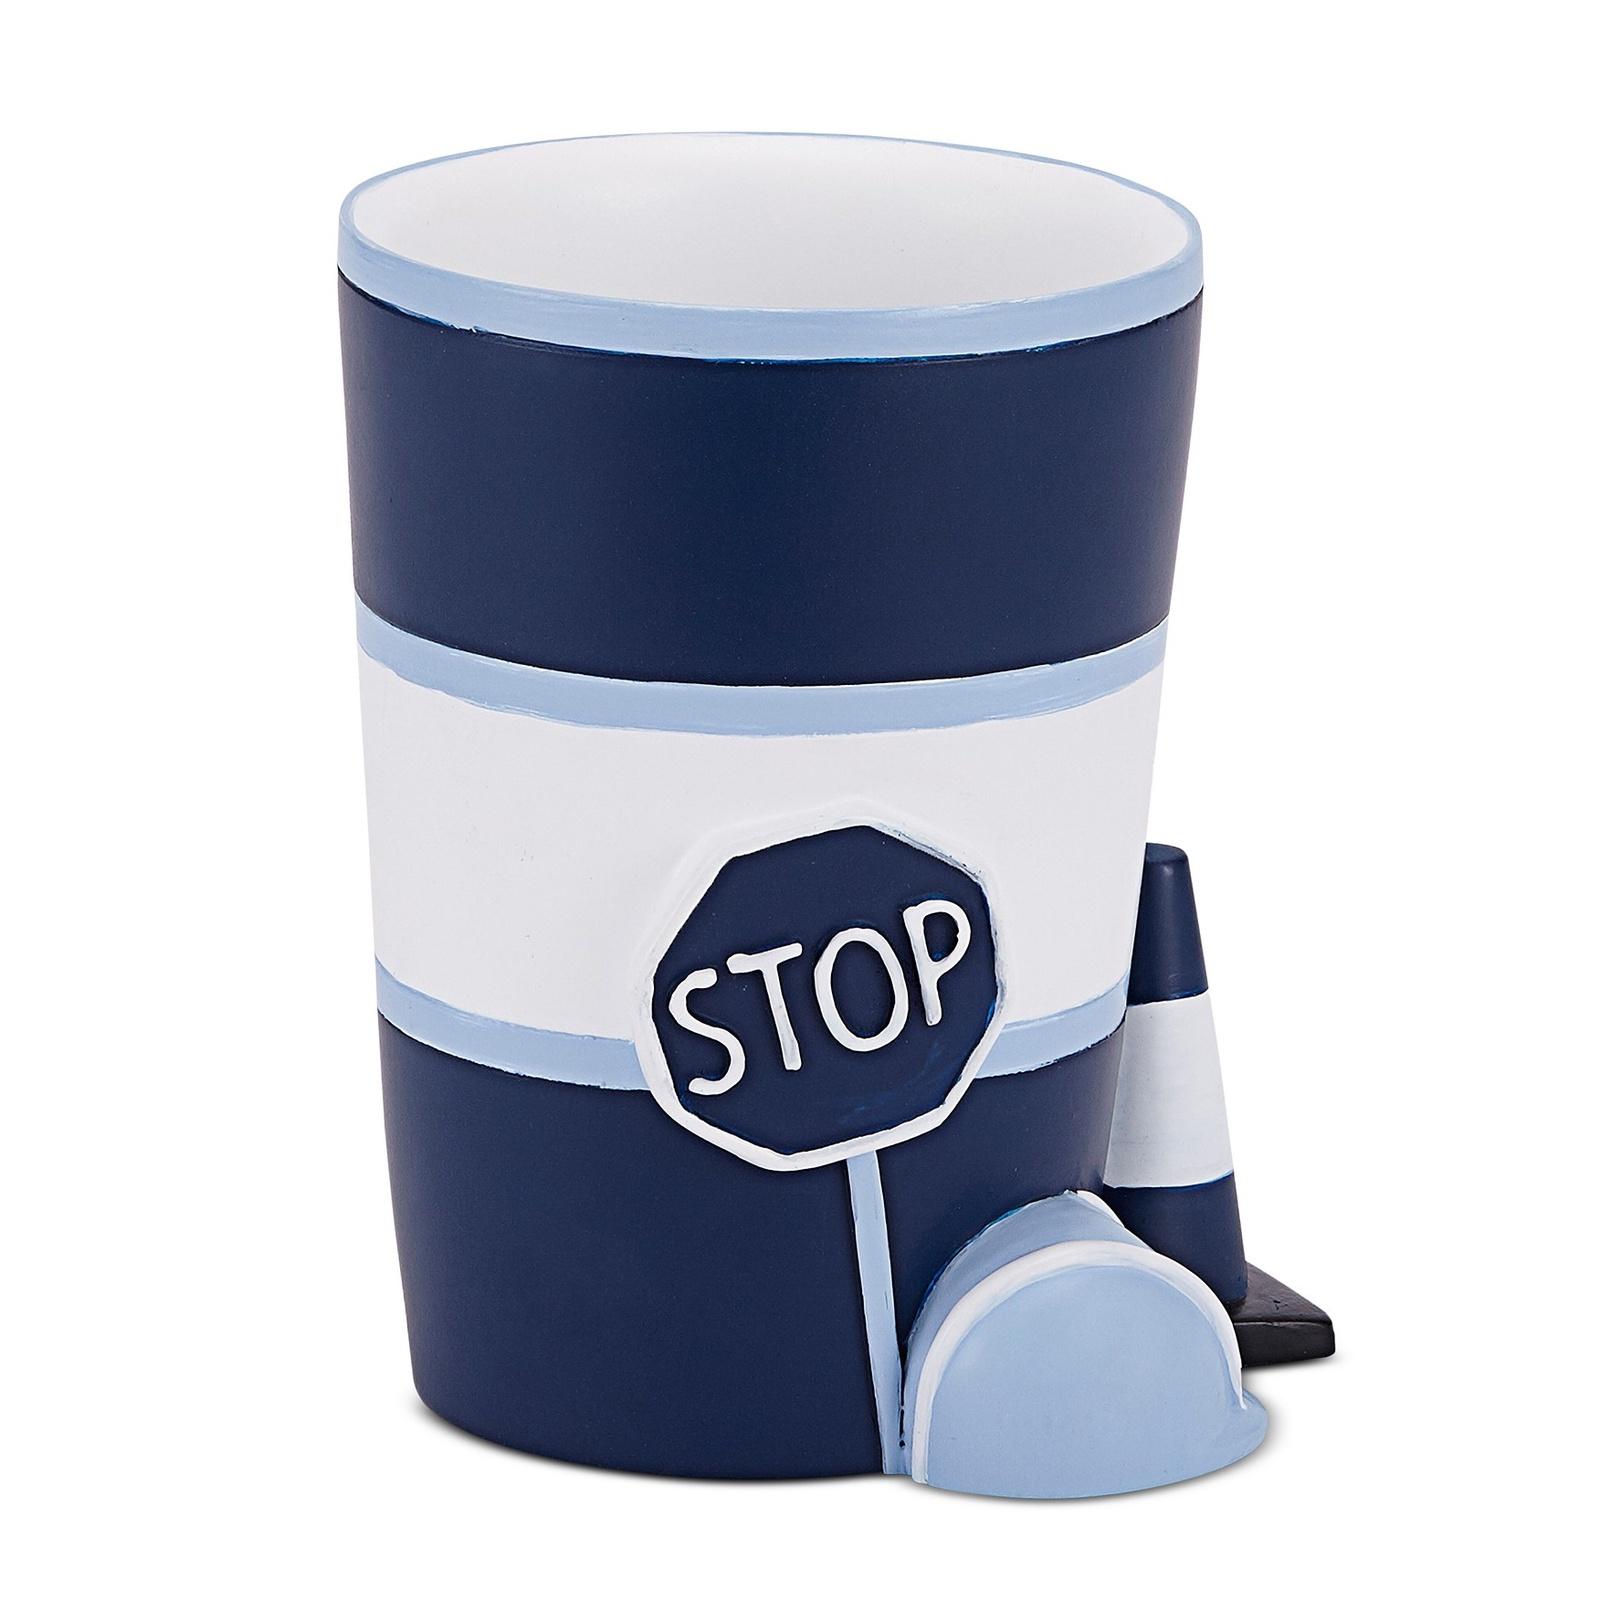 Стакан для ванной комнаты Kassatex Construction, AKC-T, синийAKC-TДобавив в интерьер ванной комнаты несколько стильных вещей, можно полностью преобразить ее облик и обновить дизайн. Эта коллекция для ванной изобилует разнообразными аксессуарами, которые способны создать новый образ или освежить старый. В любом случае, с ними ваше пространство засияет новыми красками. Строгие и одновременно изящные линии, тонкое чувство стиля, отменное качество исполнения рождает продукты, которые выдержат испытание временем.